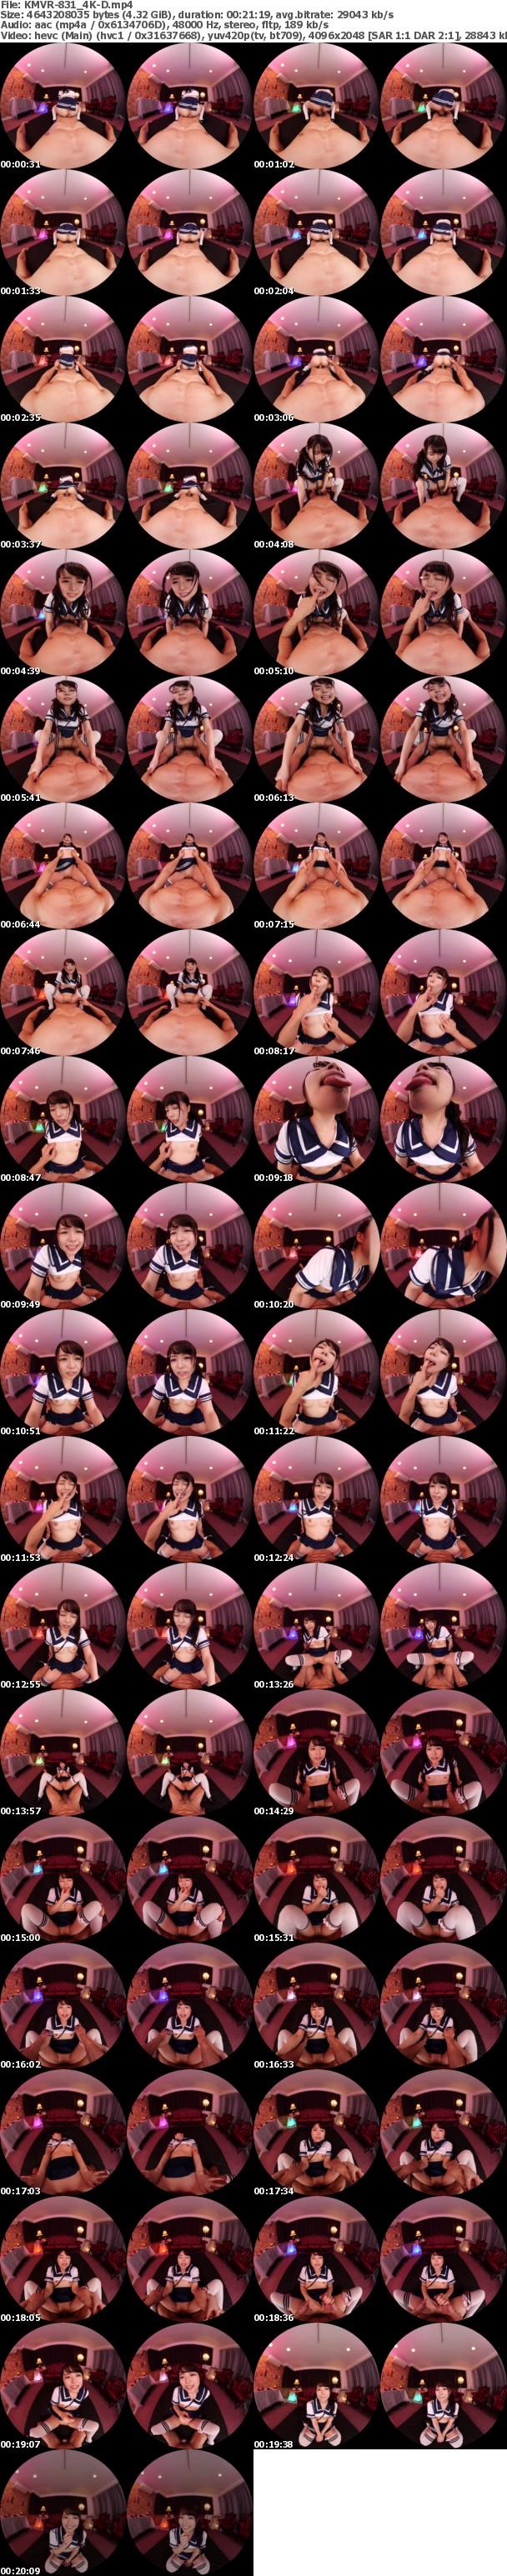 (VR) (4K) KMVR-831 究極のベロテクで顔面をしゃぶり尽くす'舐め専門ヘルス'のNo.1嬢と粘膜絡み合う特濃性交! 宮沢ちはる